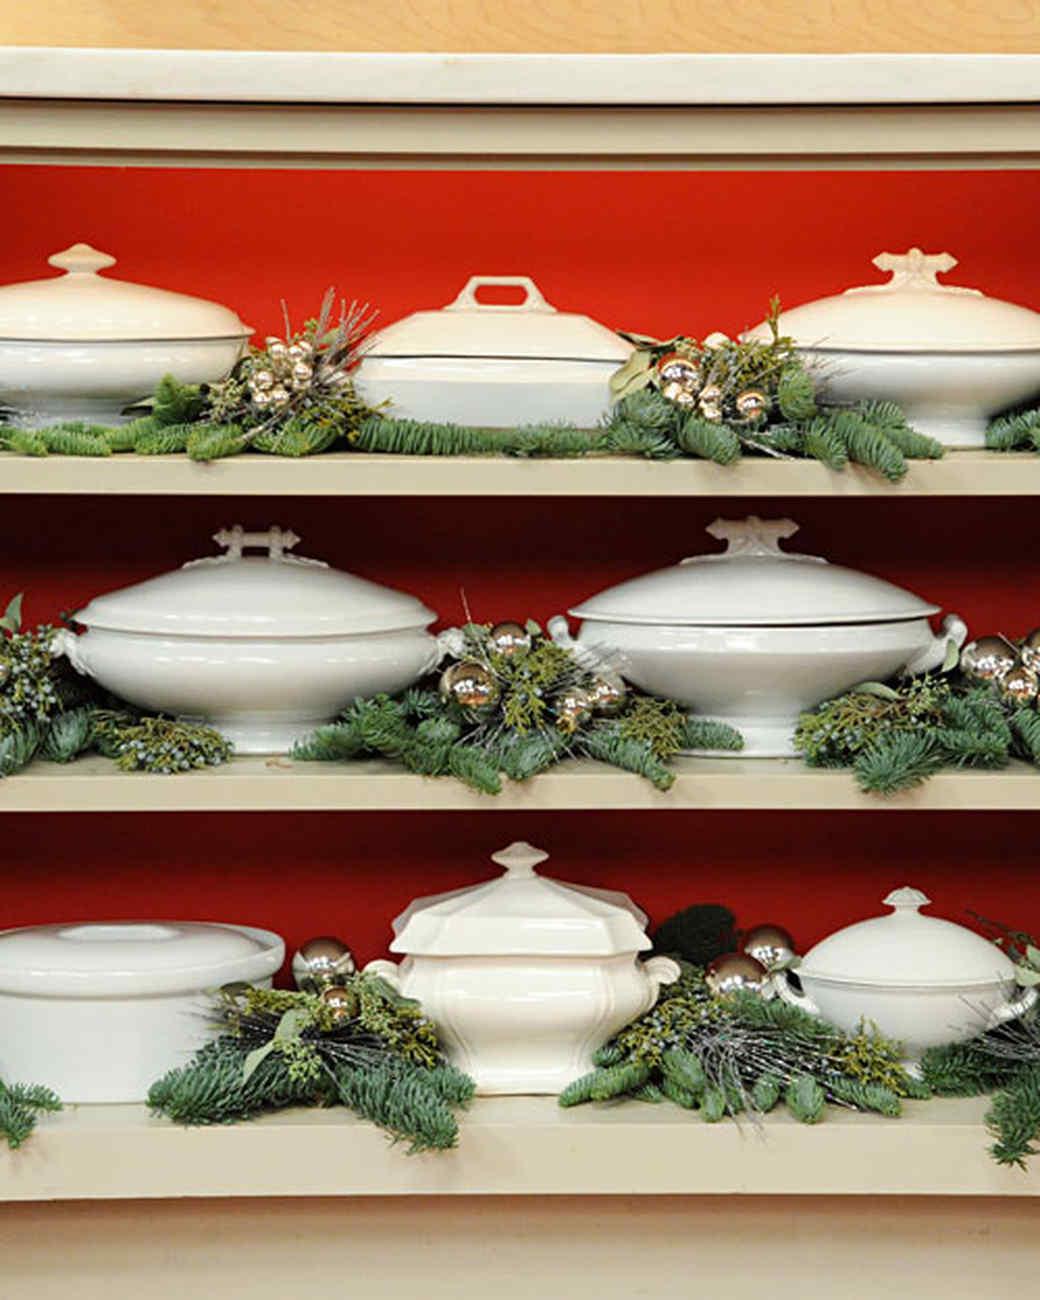 6059_120710_kitchen_red_shelves.jpg